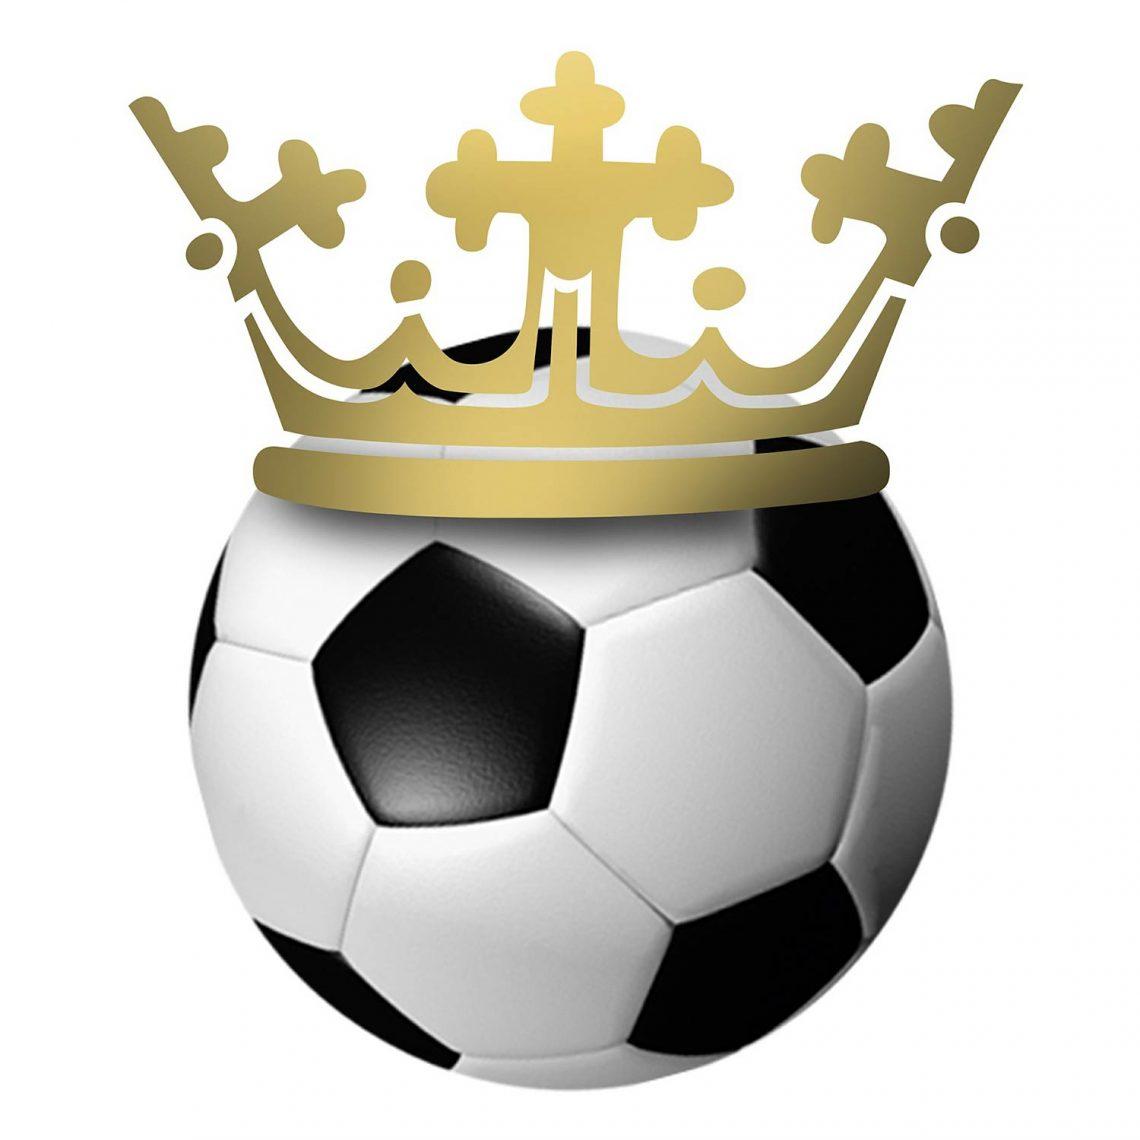 Oberpfälzer Bezirksmeisterschaft der Herren um den Lotto Bayern Hallencup 2020 Kampf um die Fußballkrone